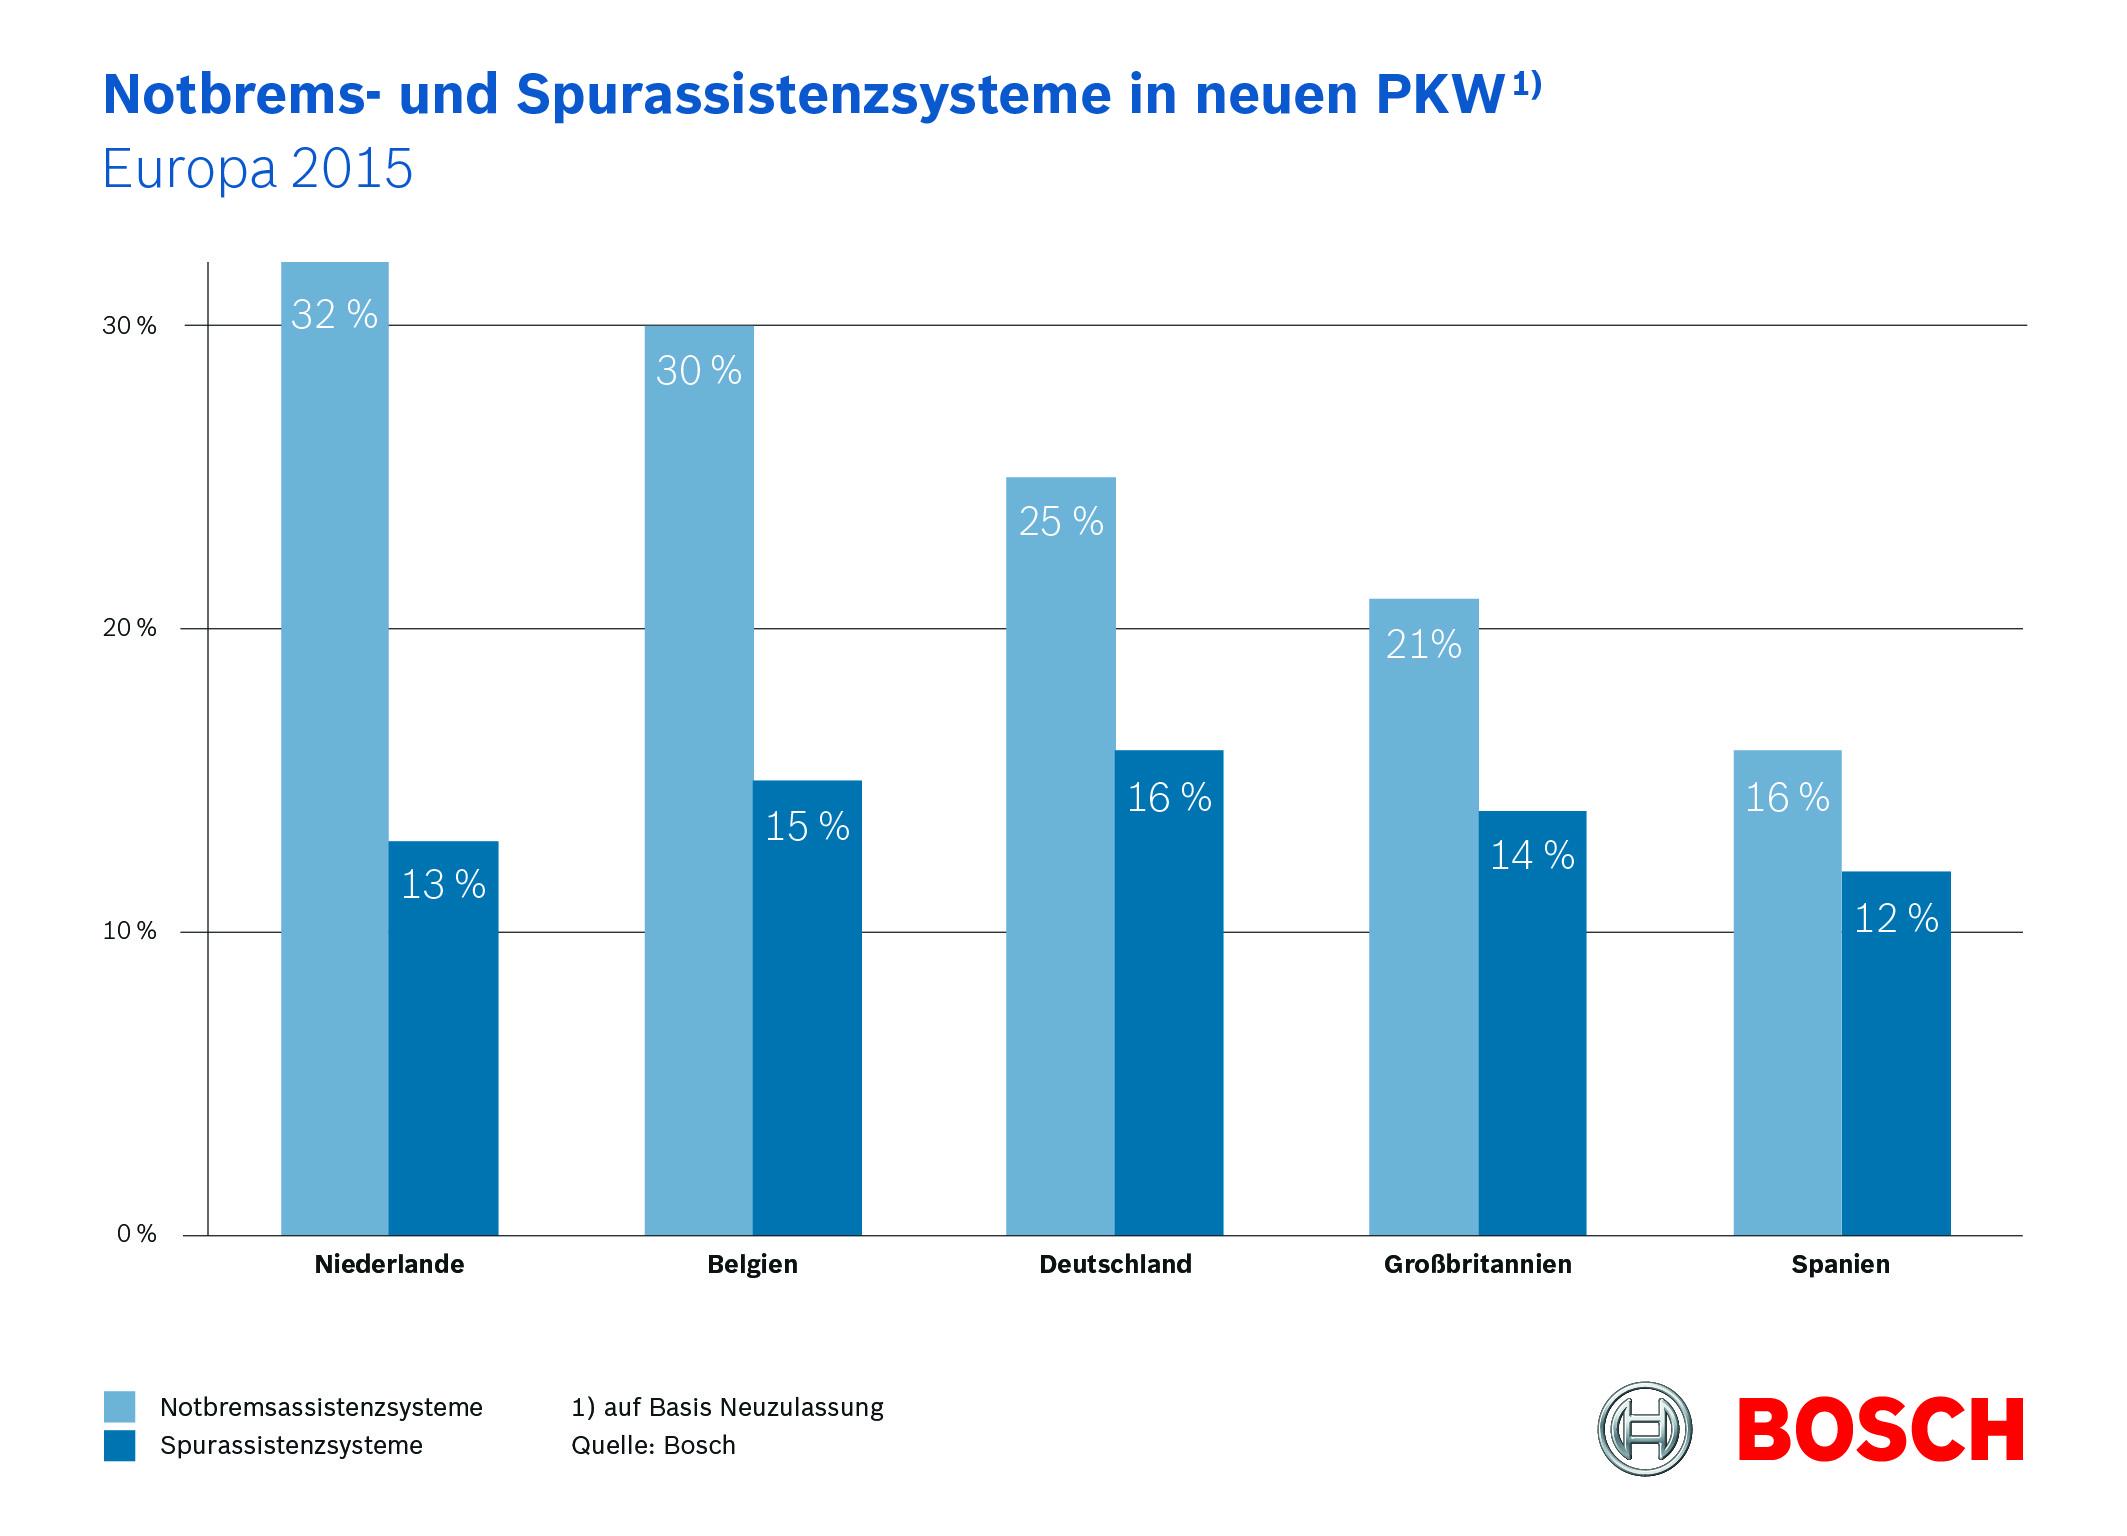 Notbrems- und Spurassistenzsysteme in neuen PKW